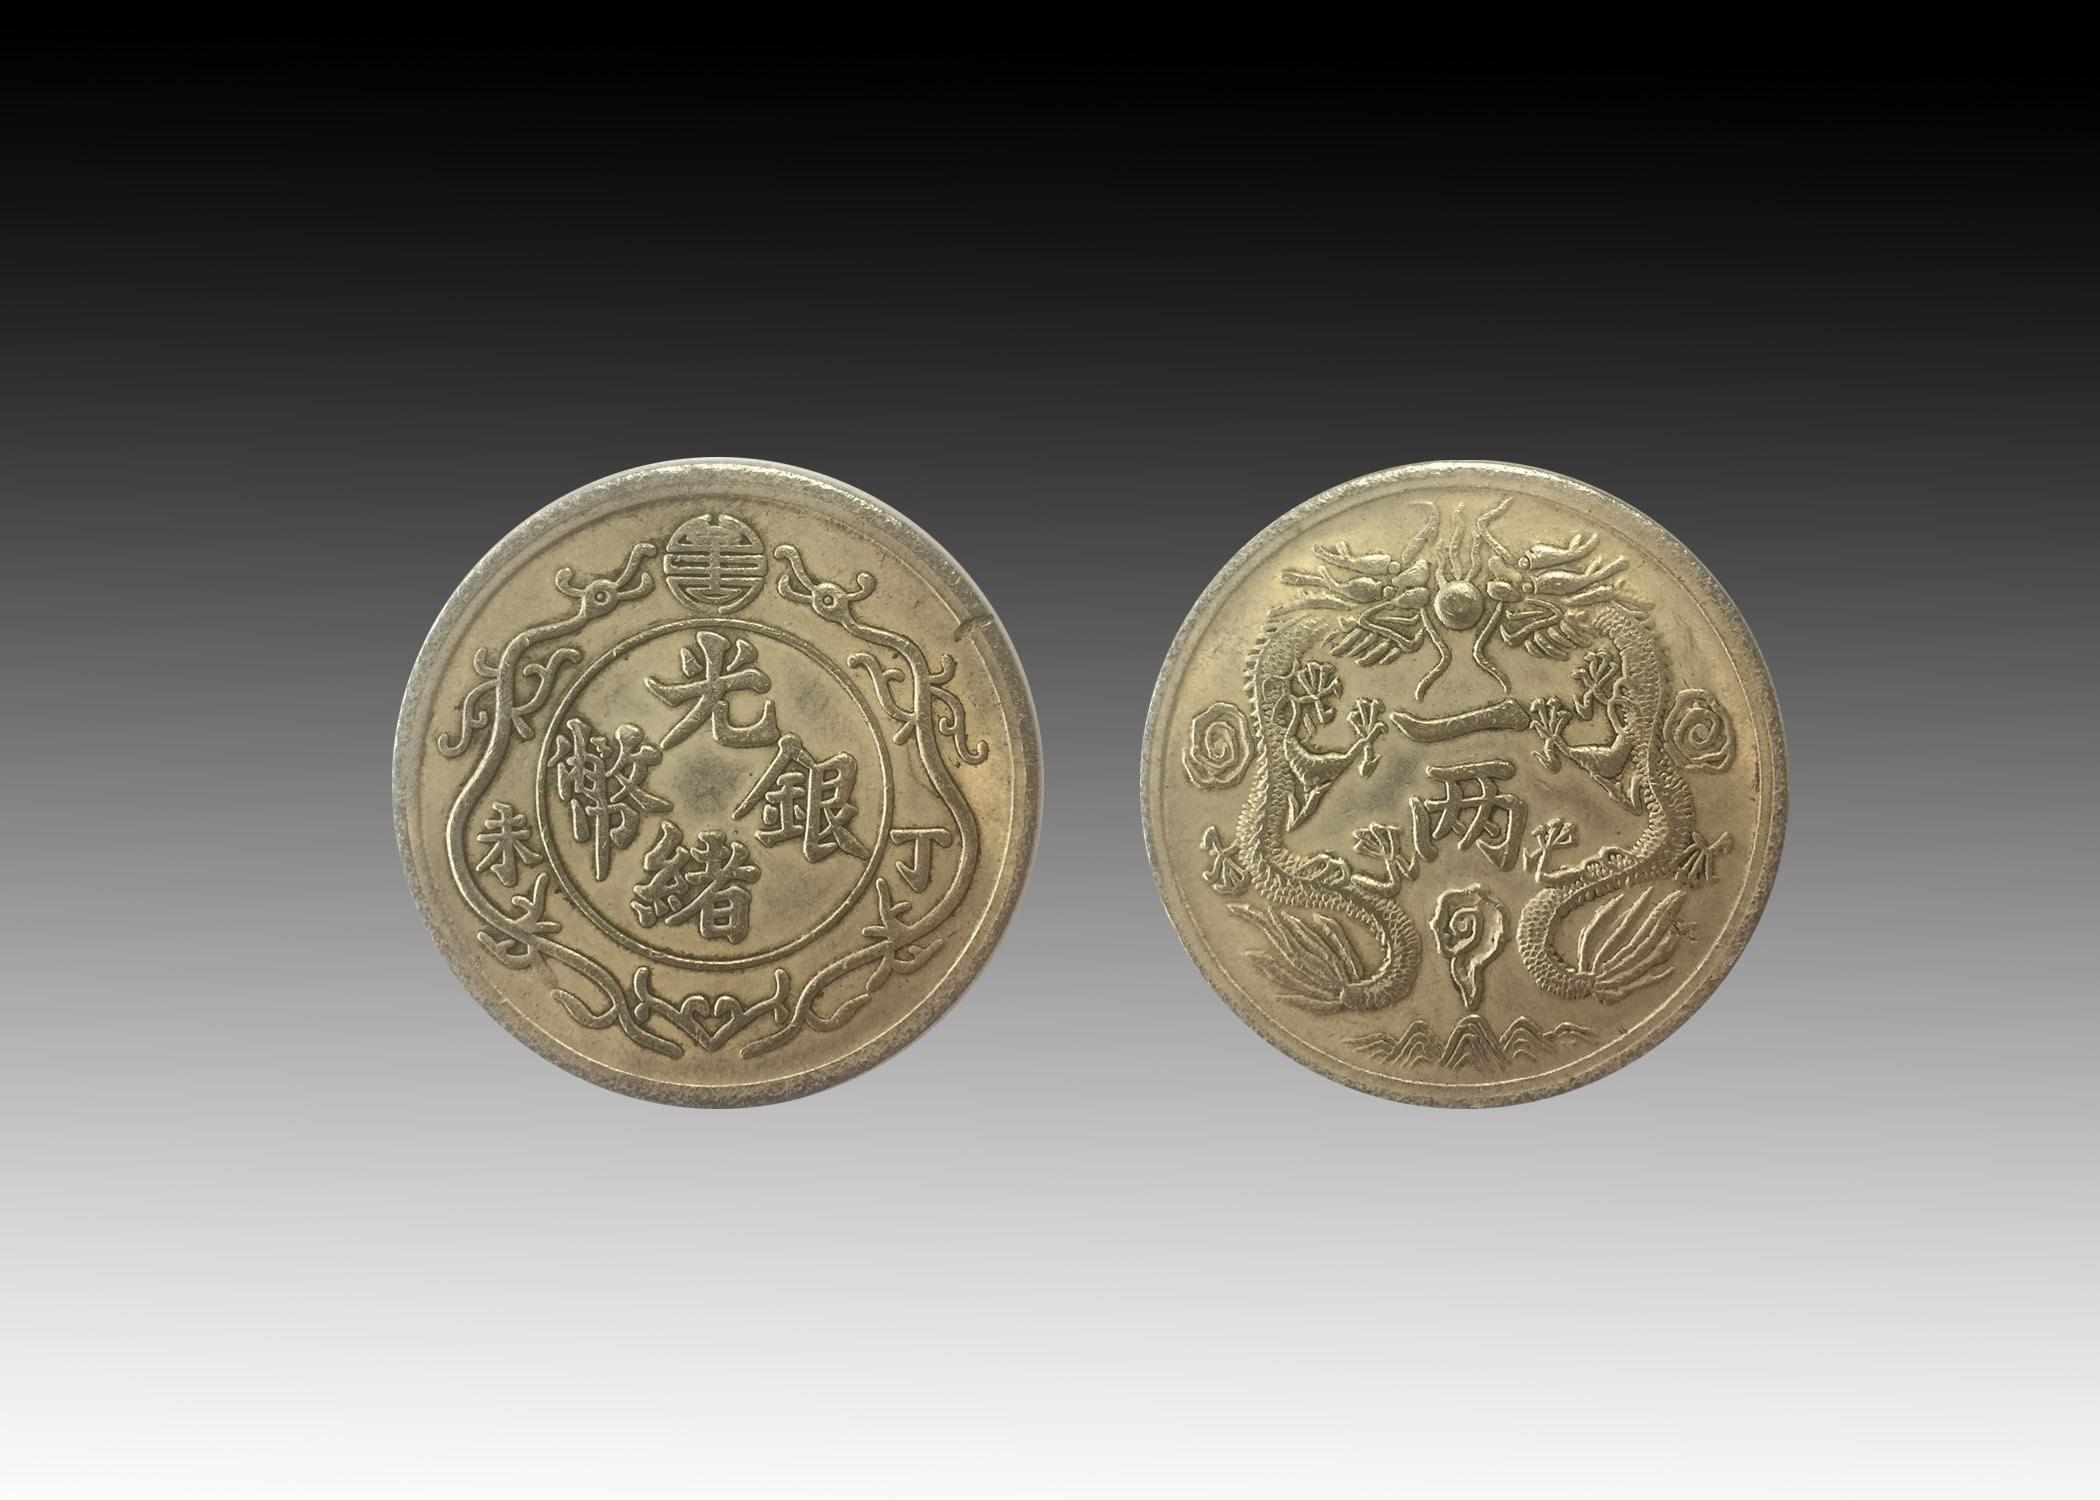 個人收購鼻煙壺古錢幣現金交易